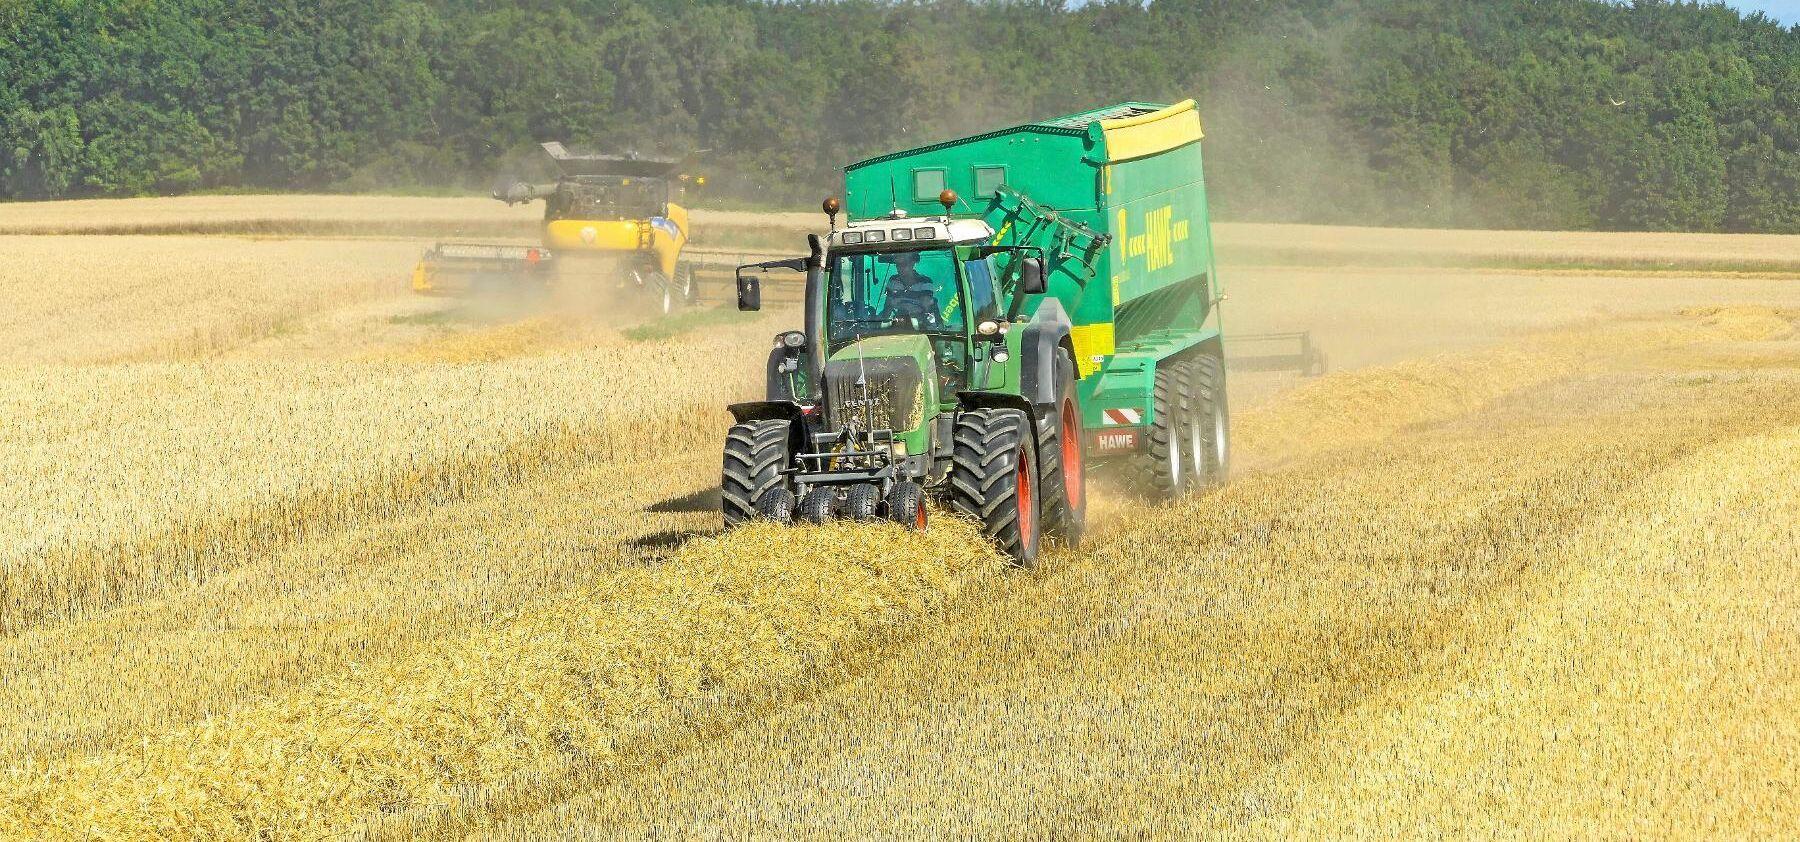 Ett av Sveriges största lantbruk, Skabernäs, får en ny vd. Det blir Mathias Knudsen som i dag är driftsledare på Krenkerups Gods i Danmark.